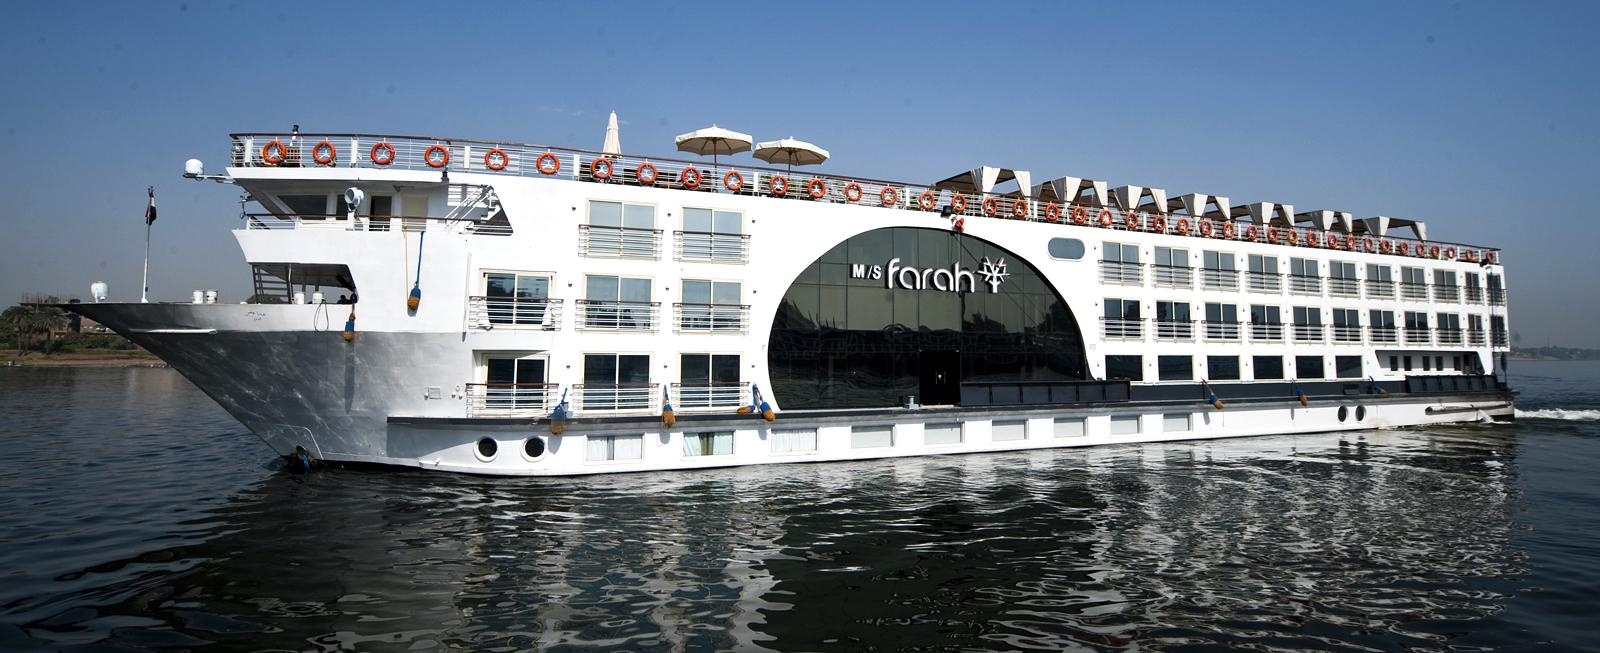 http://viajaegipto.es/wp-content/uploads/2012/09/cruceros-nilo-lago-naser.jpg